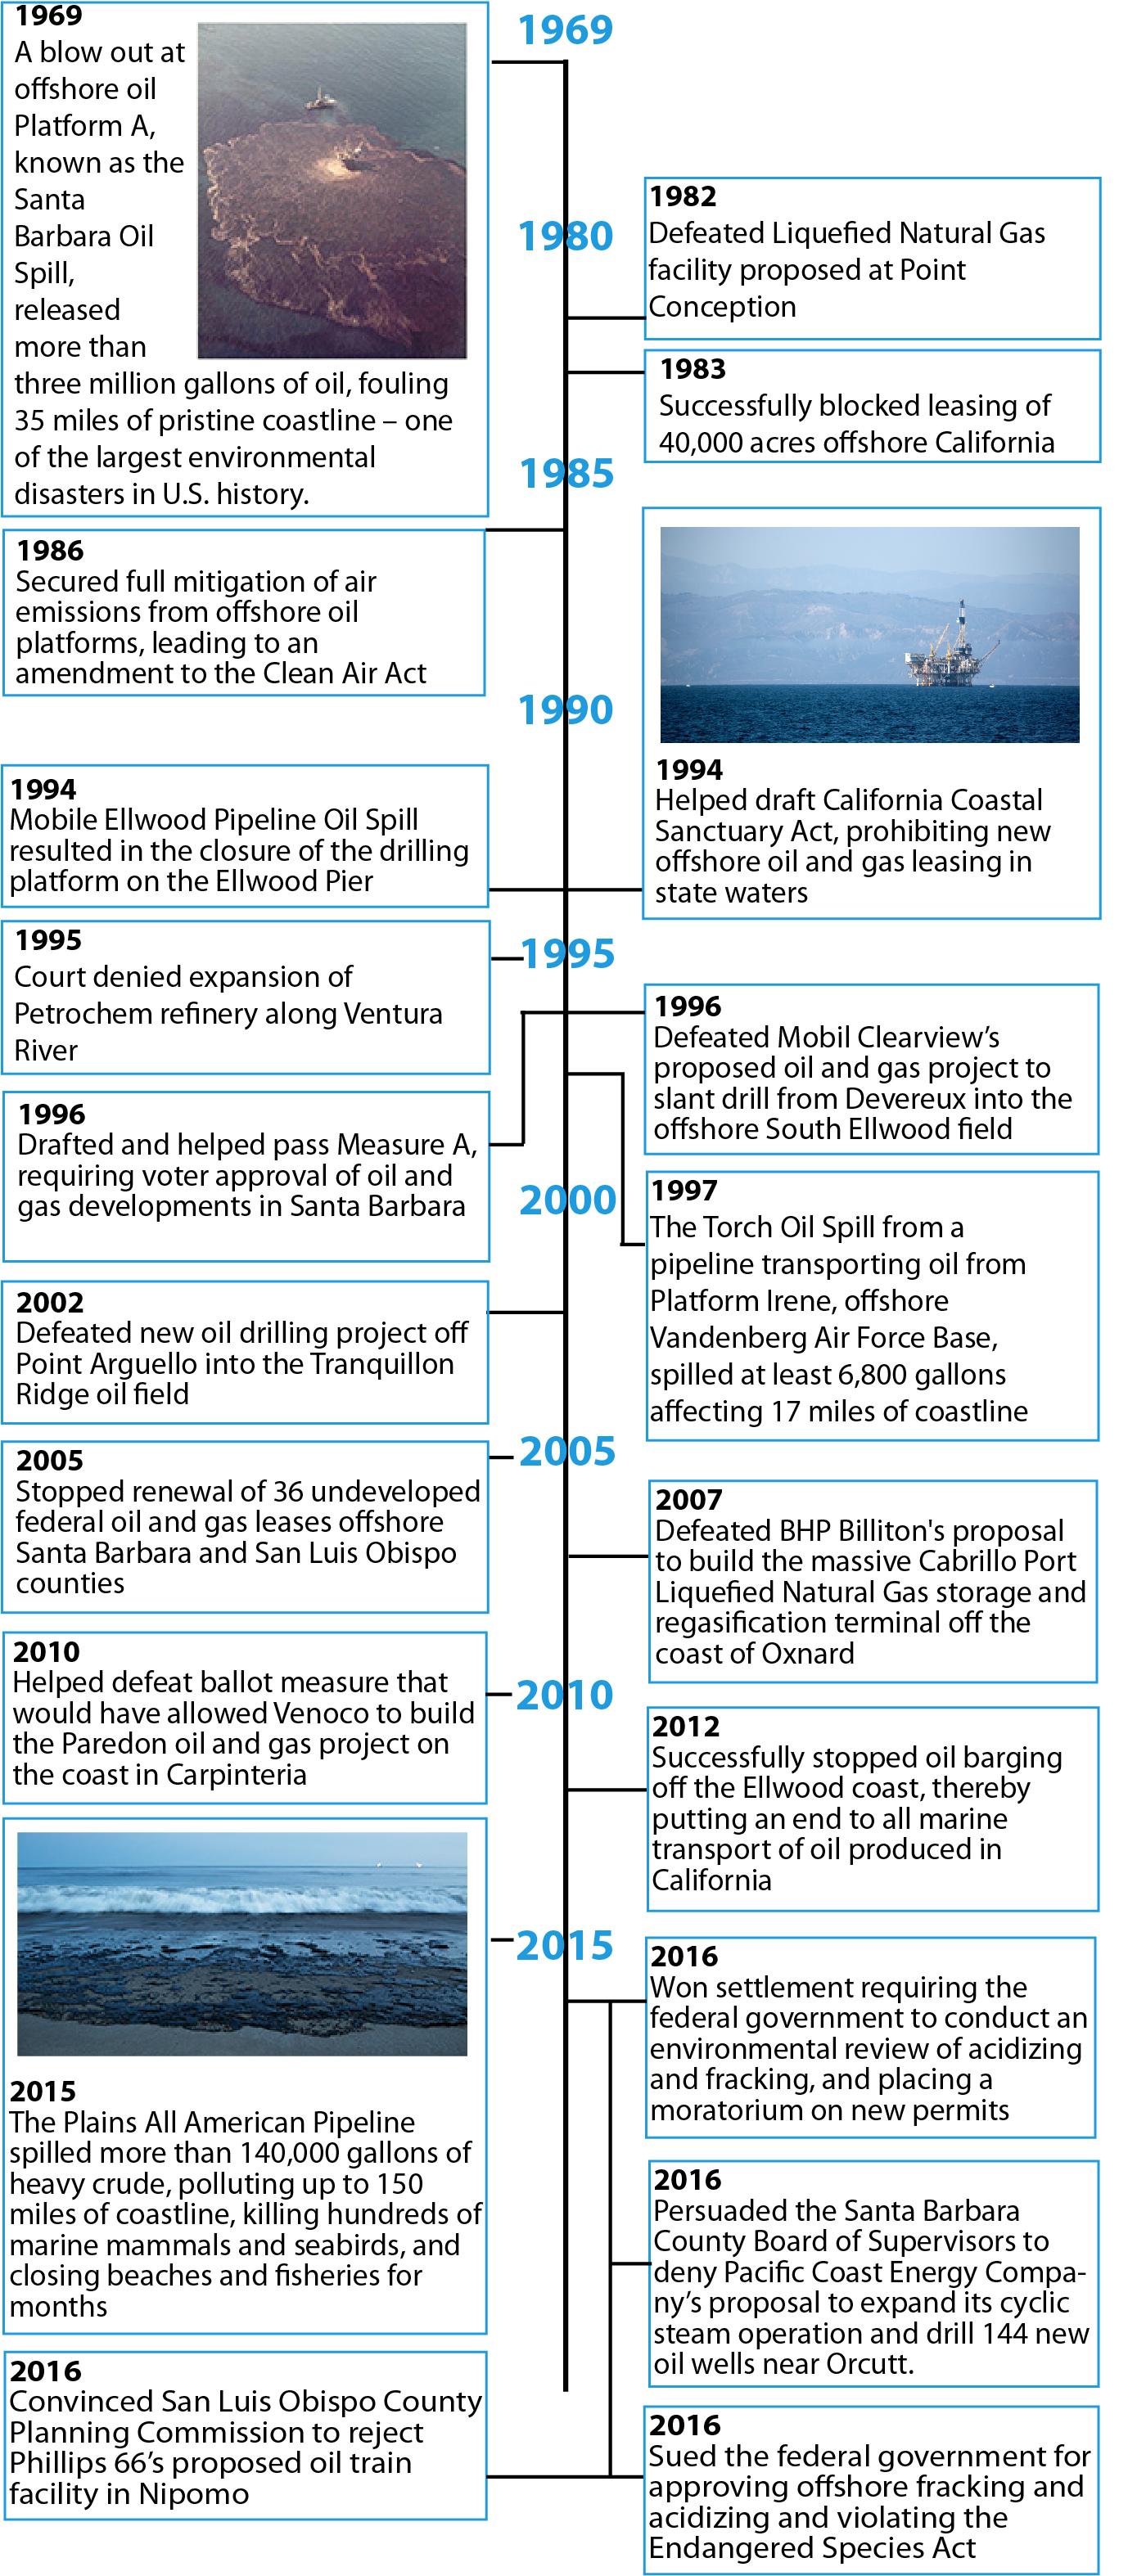 Oil Spill Anniv Email Timeline